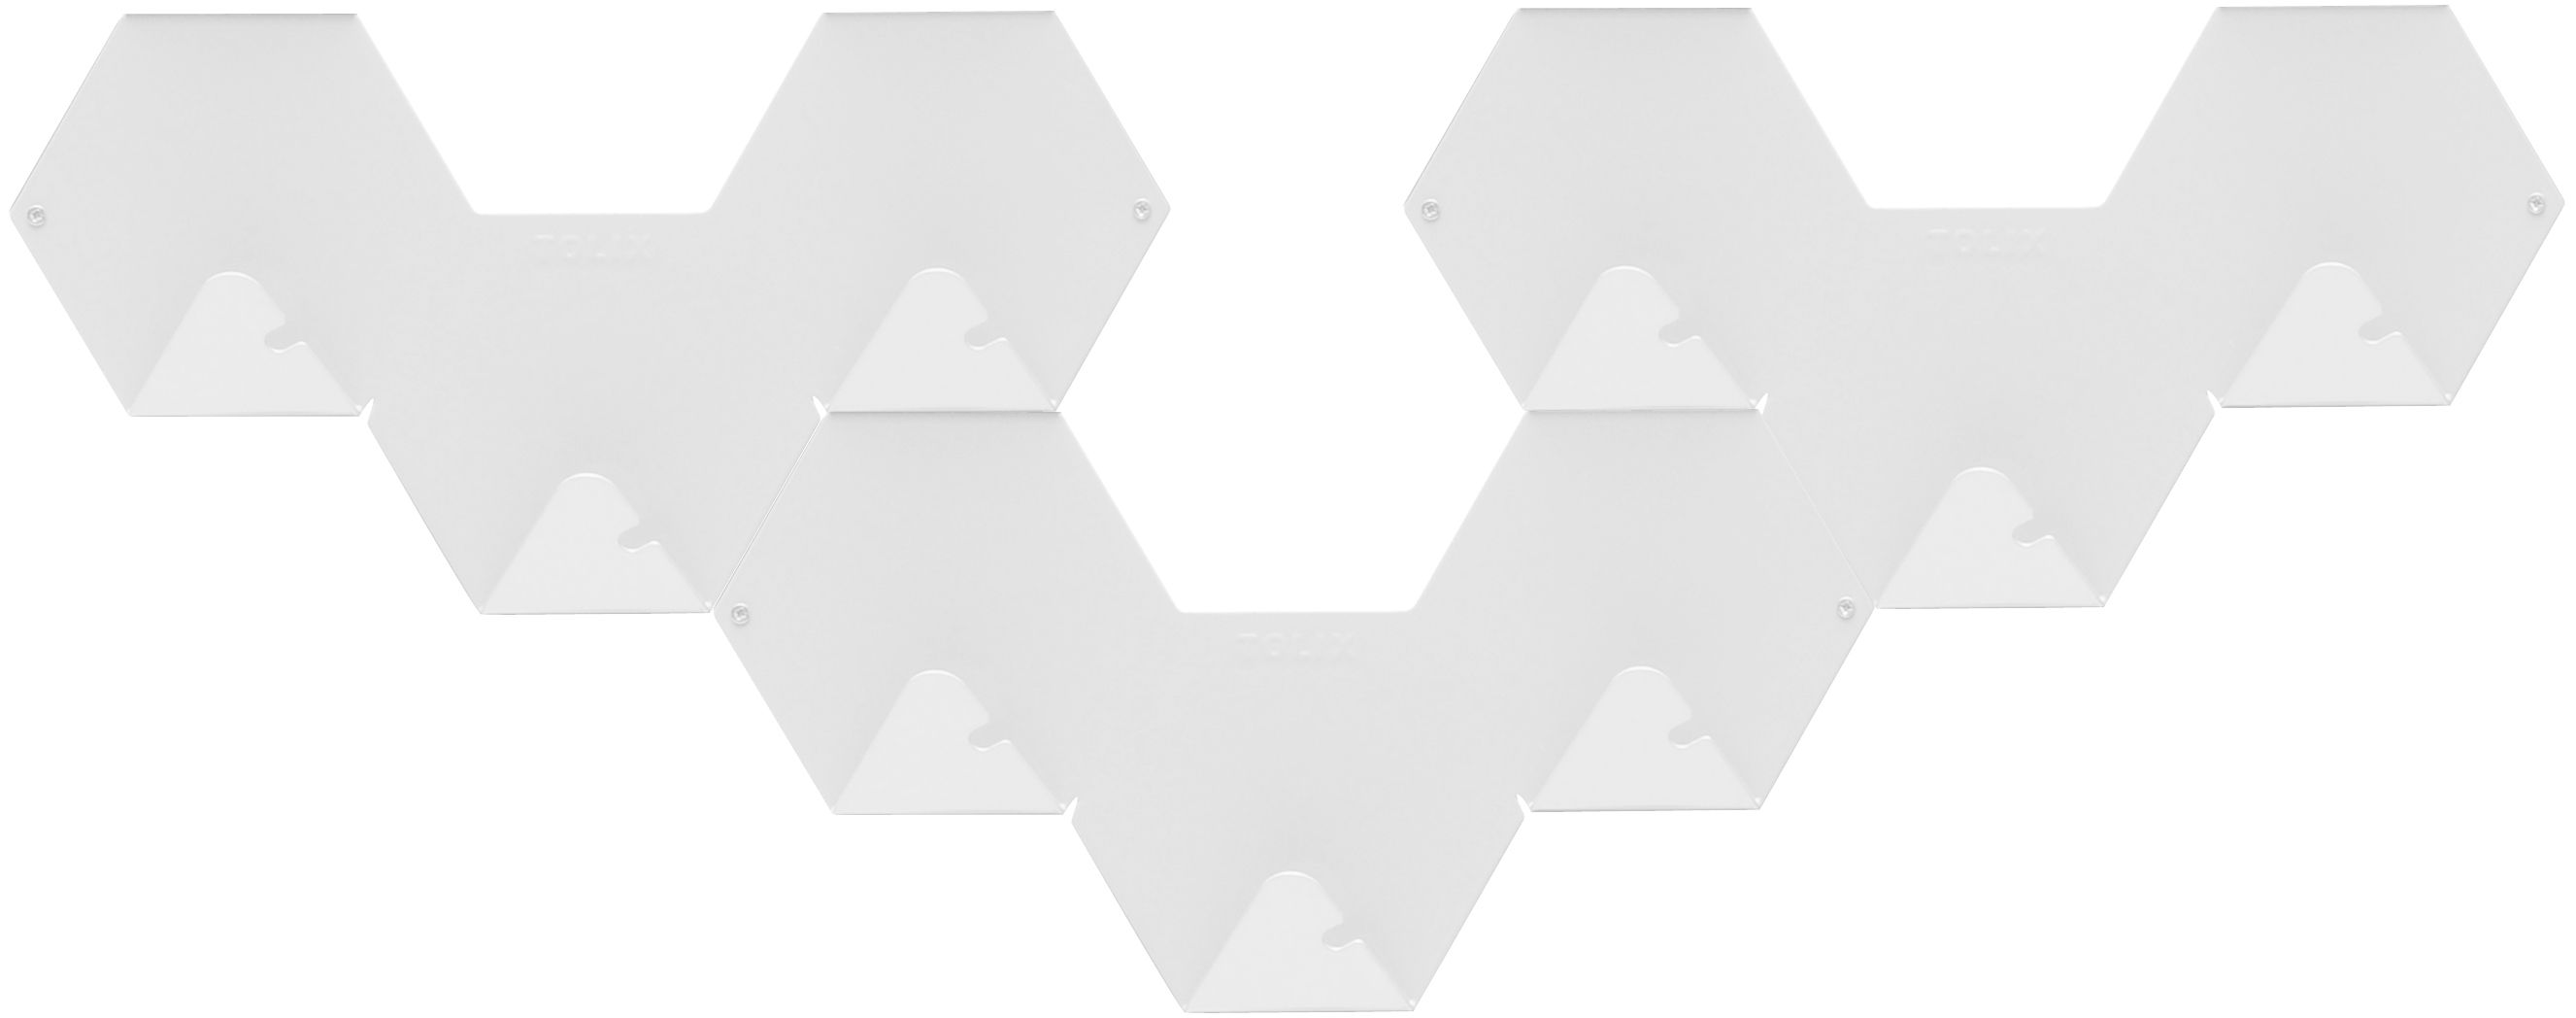 Mobilier - Portemanteaux, patères & portants - Patère Simplex lot de 3 - Tolix - Blanc - Acier recyclé laqué